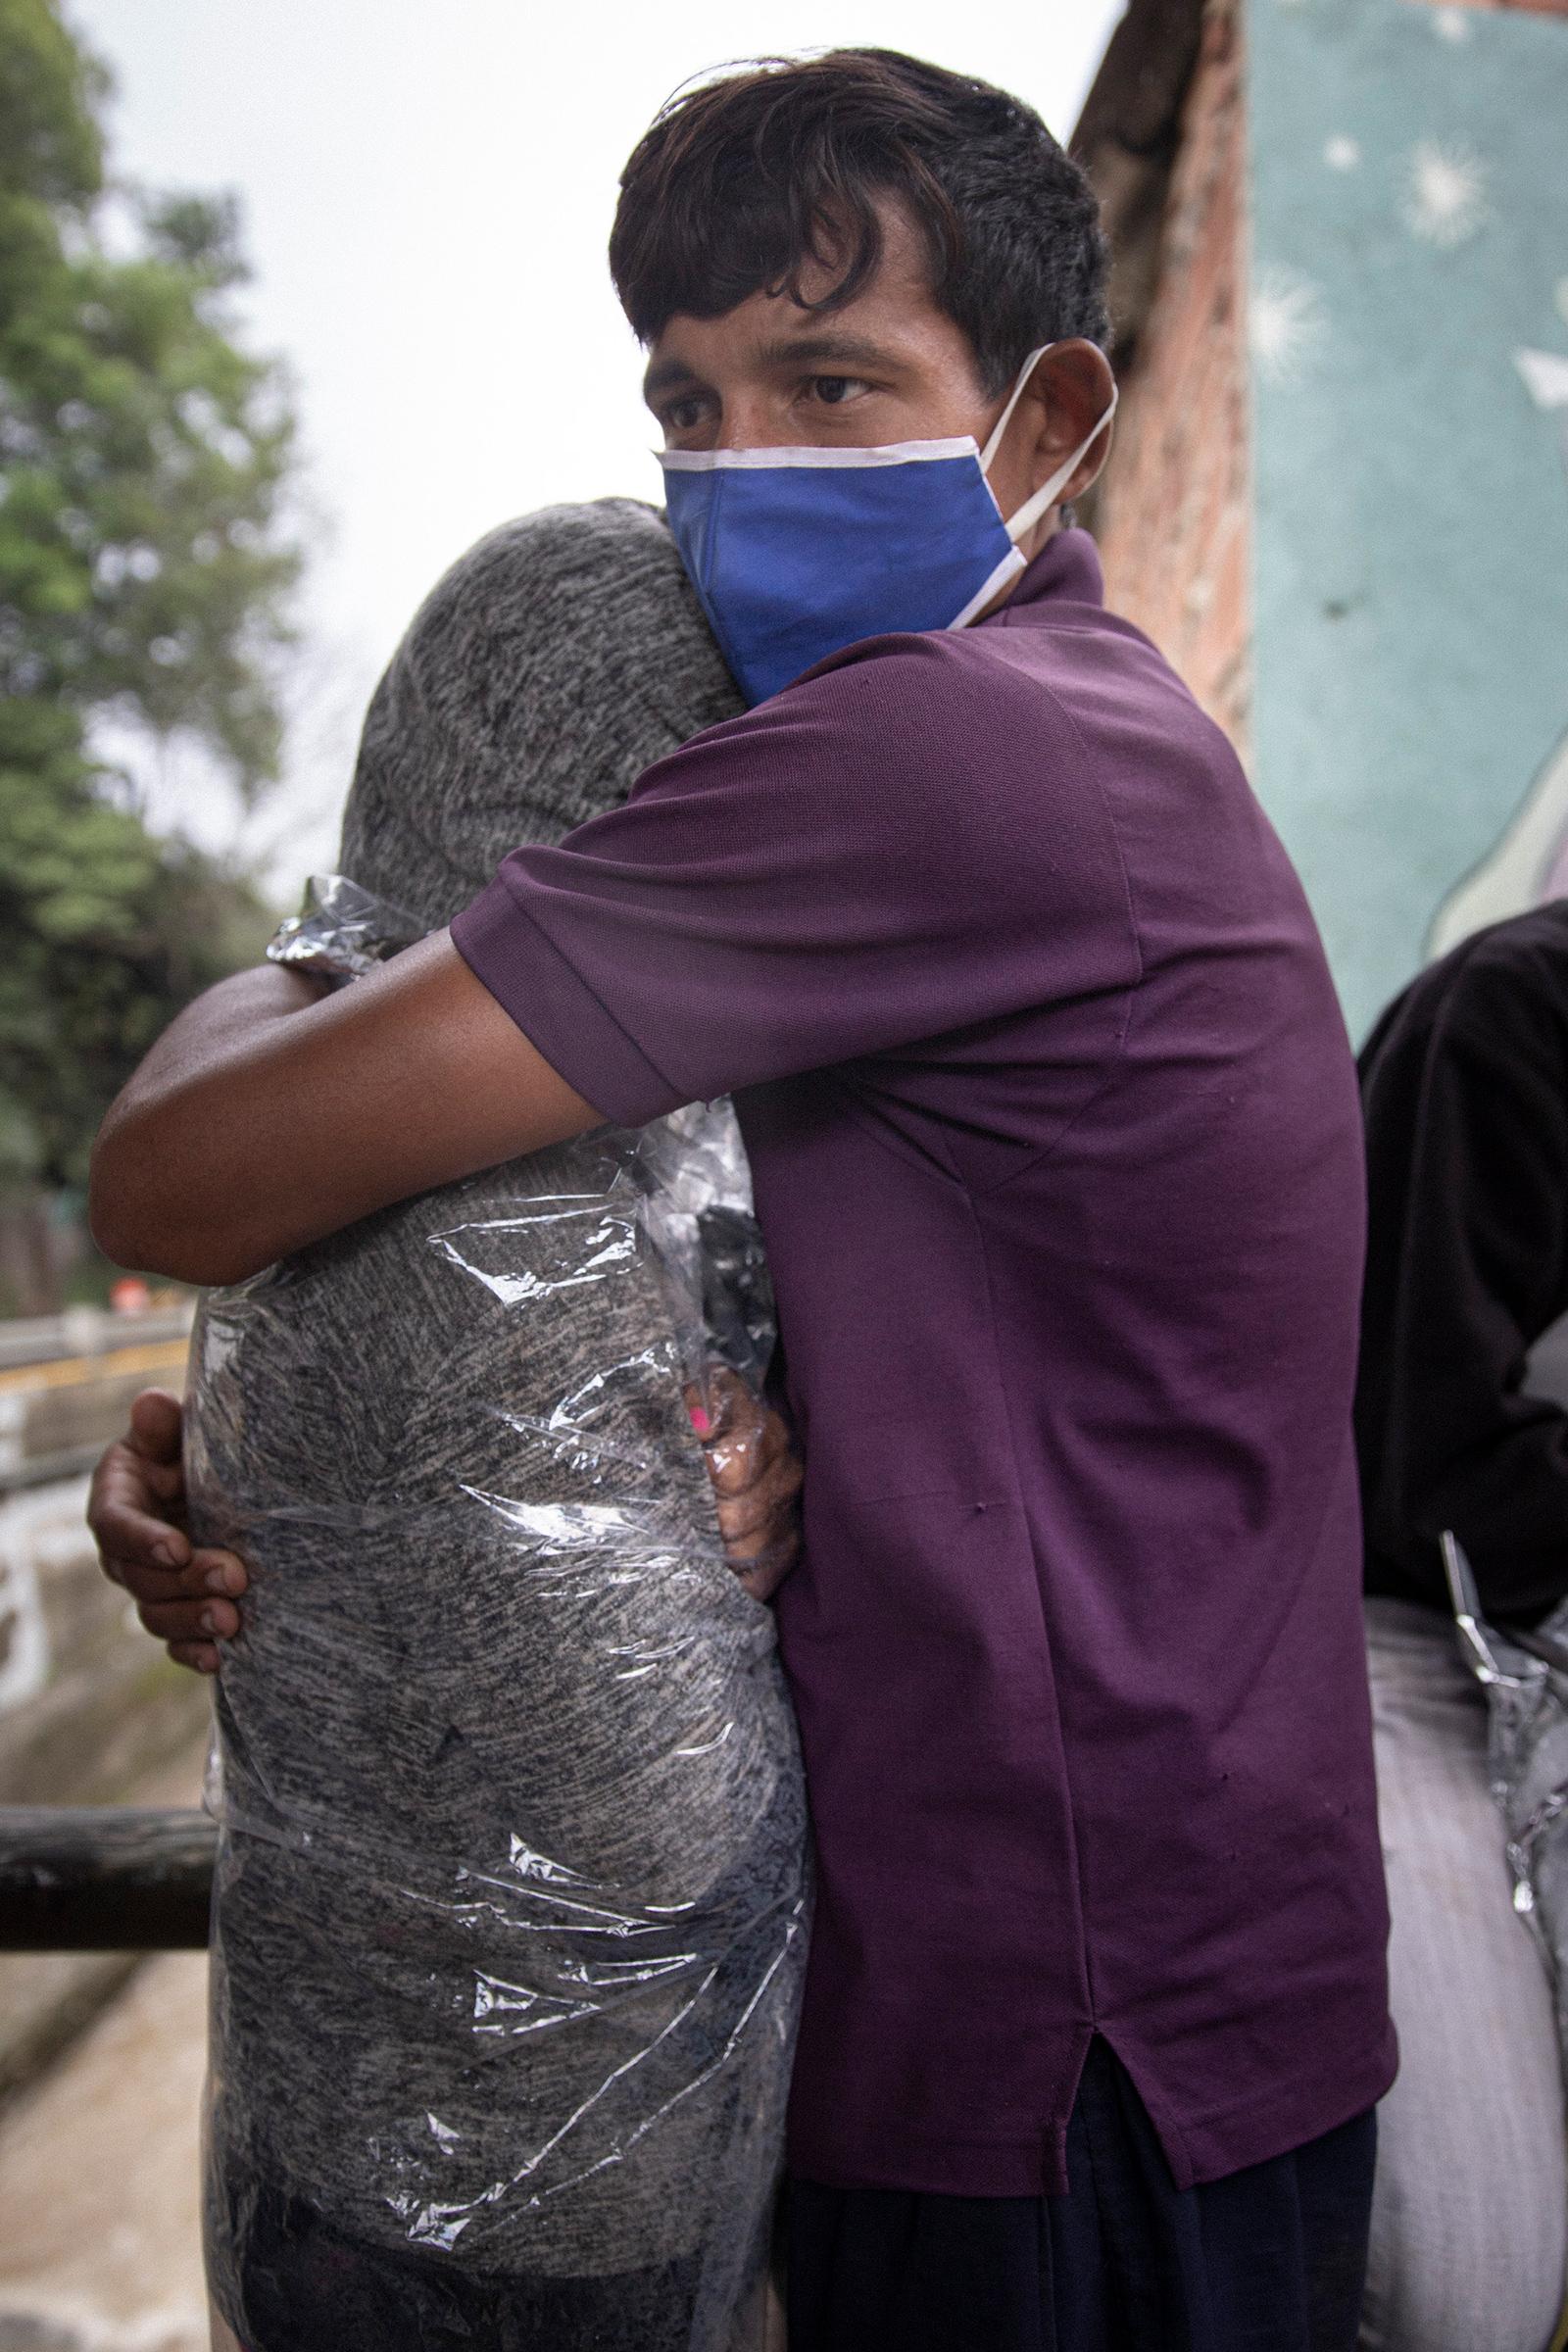 Johnmier Briceño y su novia se abrazan mientras se esconden de la lluvia en Pamplona, Colombia.